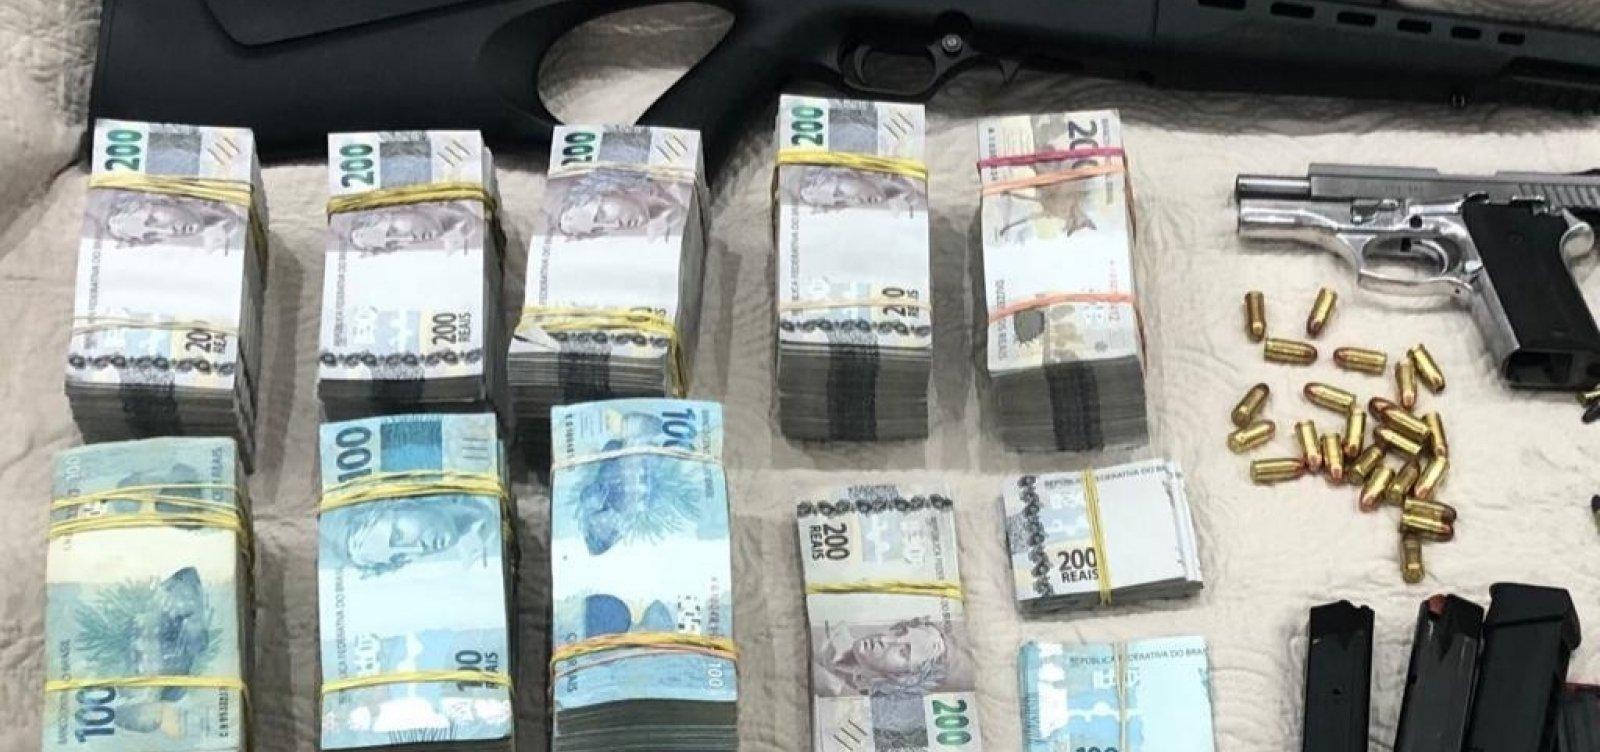 Polícia apreende R$ 670 mil em fazenda de irmão de prefeito no interior do estado